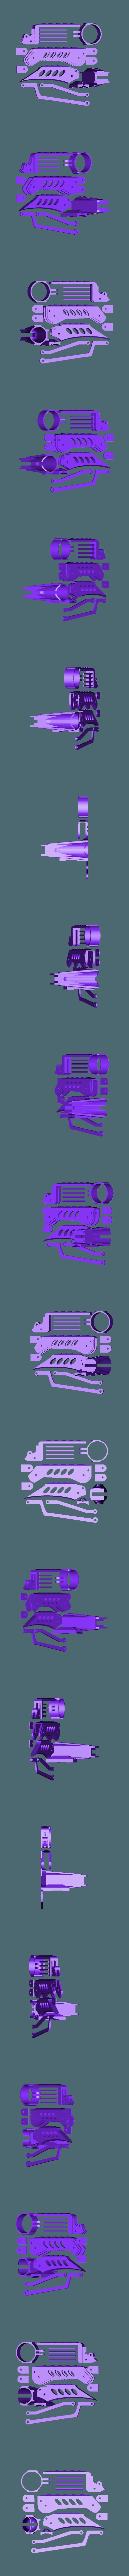 SMALL WITH HOLES plate.stl Télécharger fichier STL Doigts et pouces de robot et MISE À JOUR avec parties de doigts plus longues 3 tailles • Design à imprimer en 3D, LittleTup